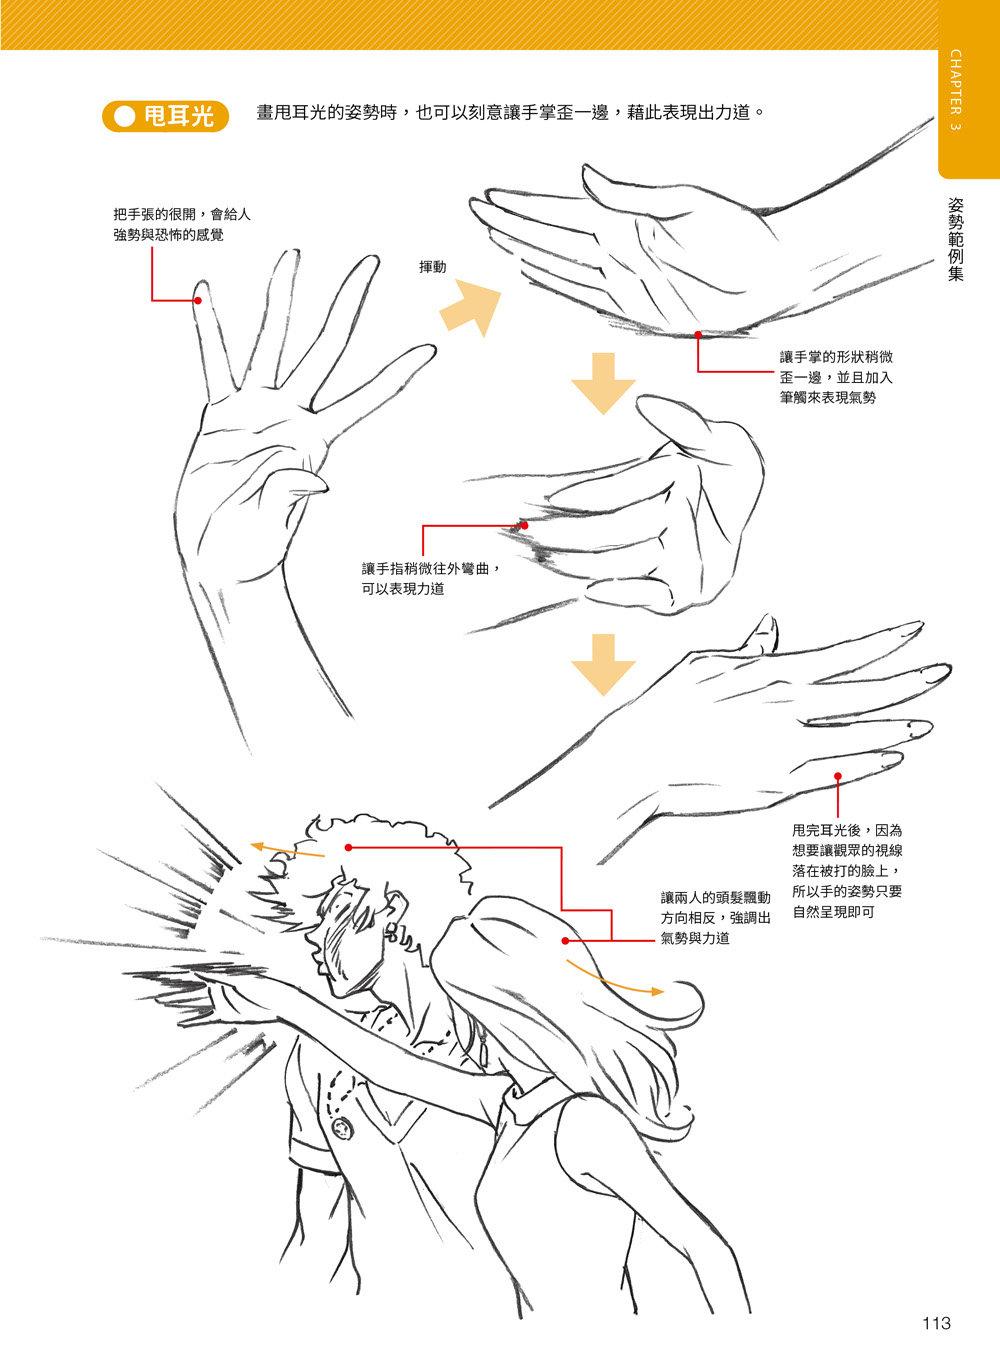 神之手:動畫大神加加美高浩的繪手神技-preview-5